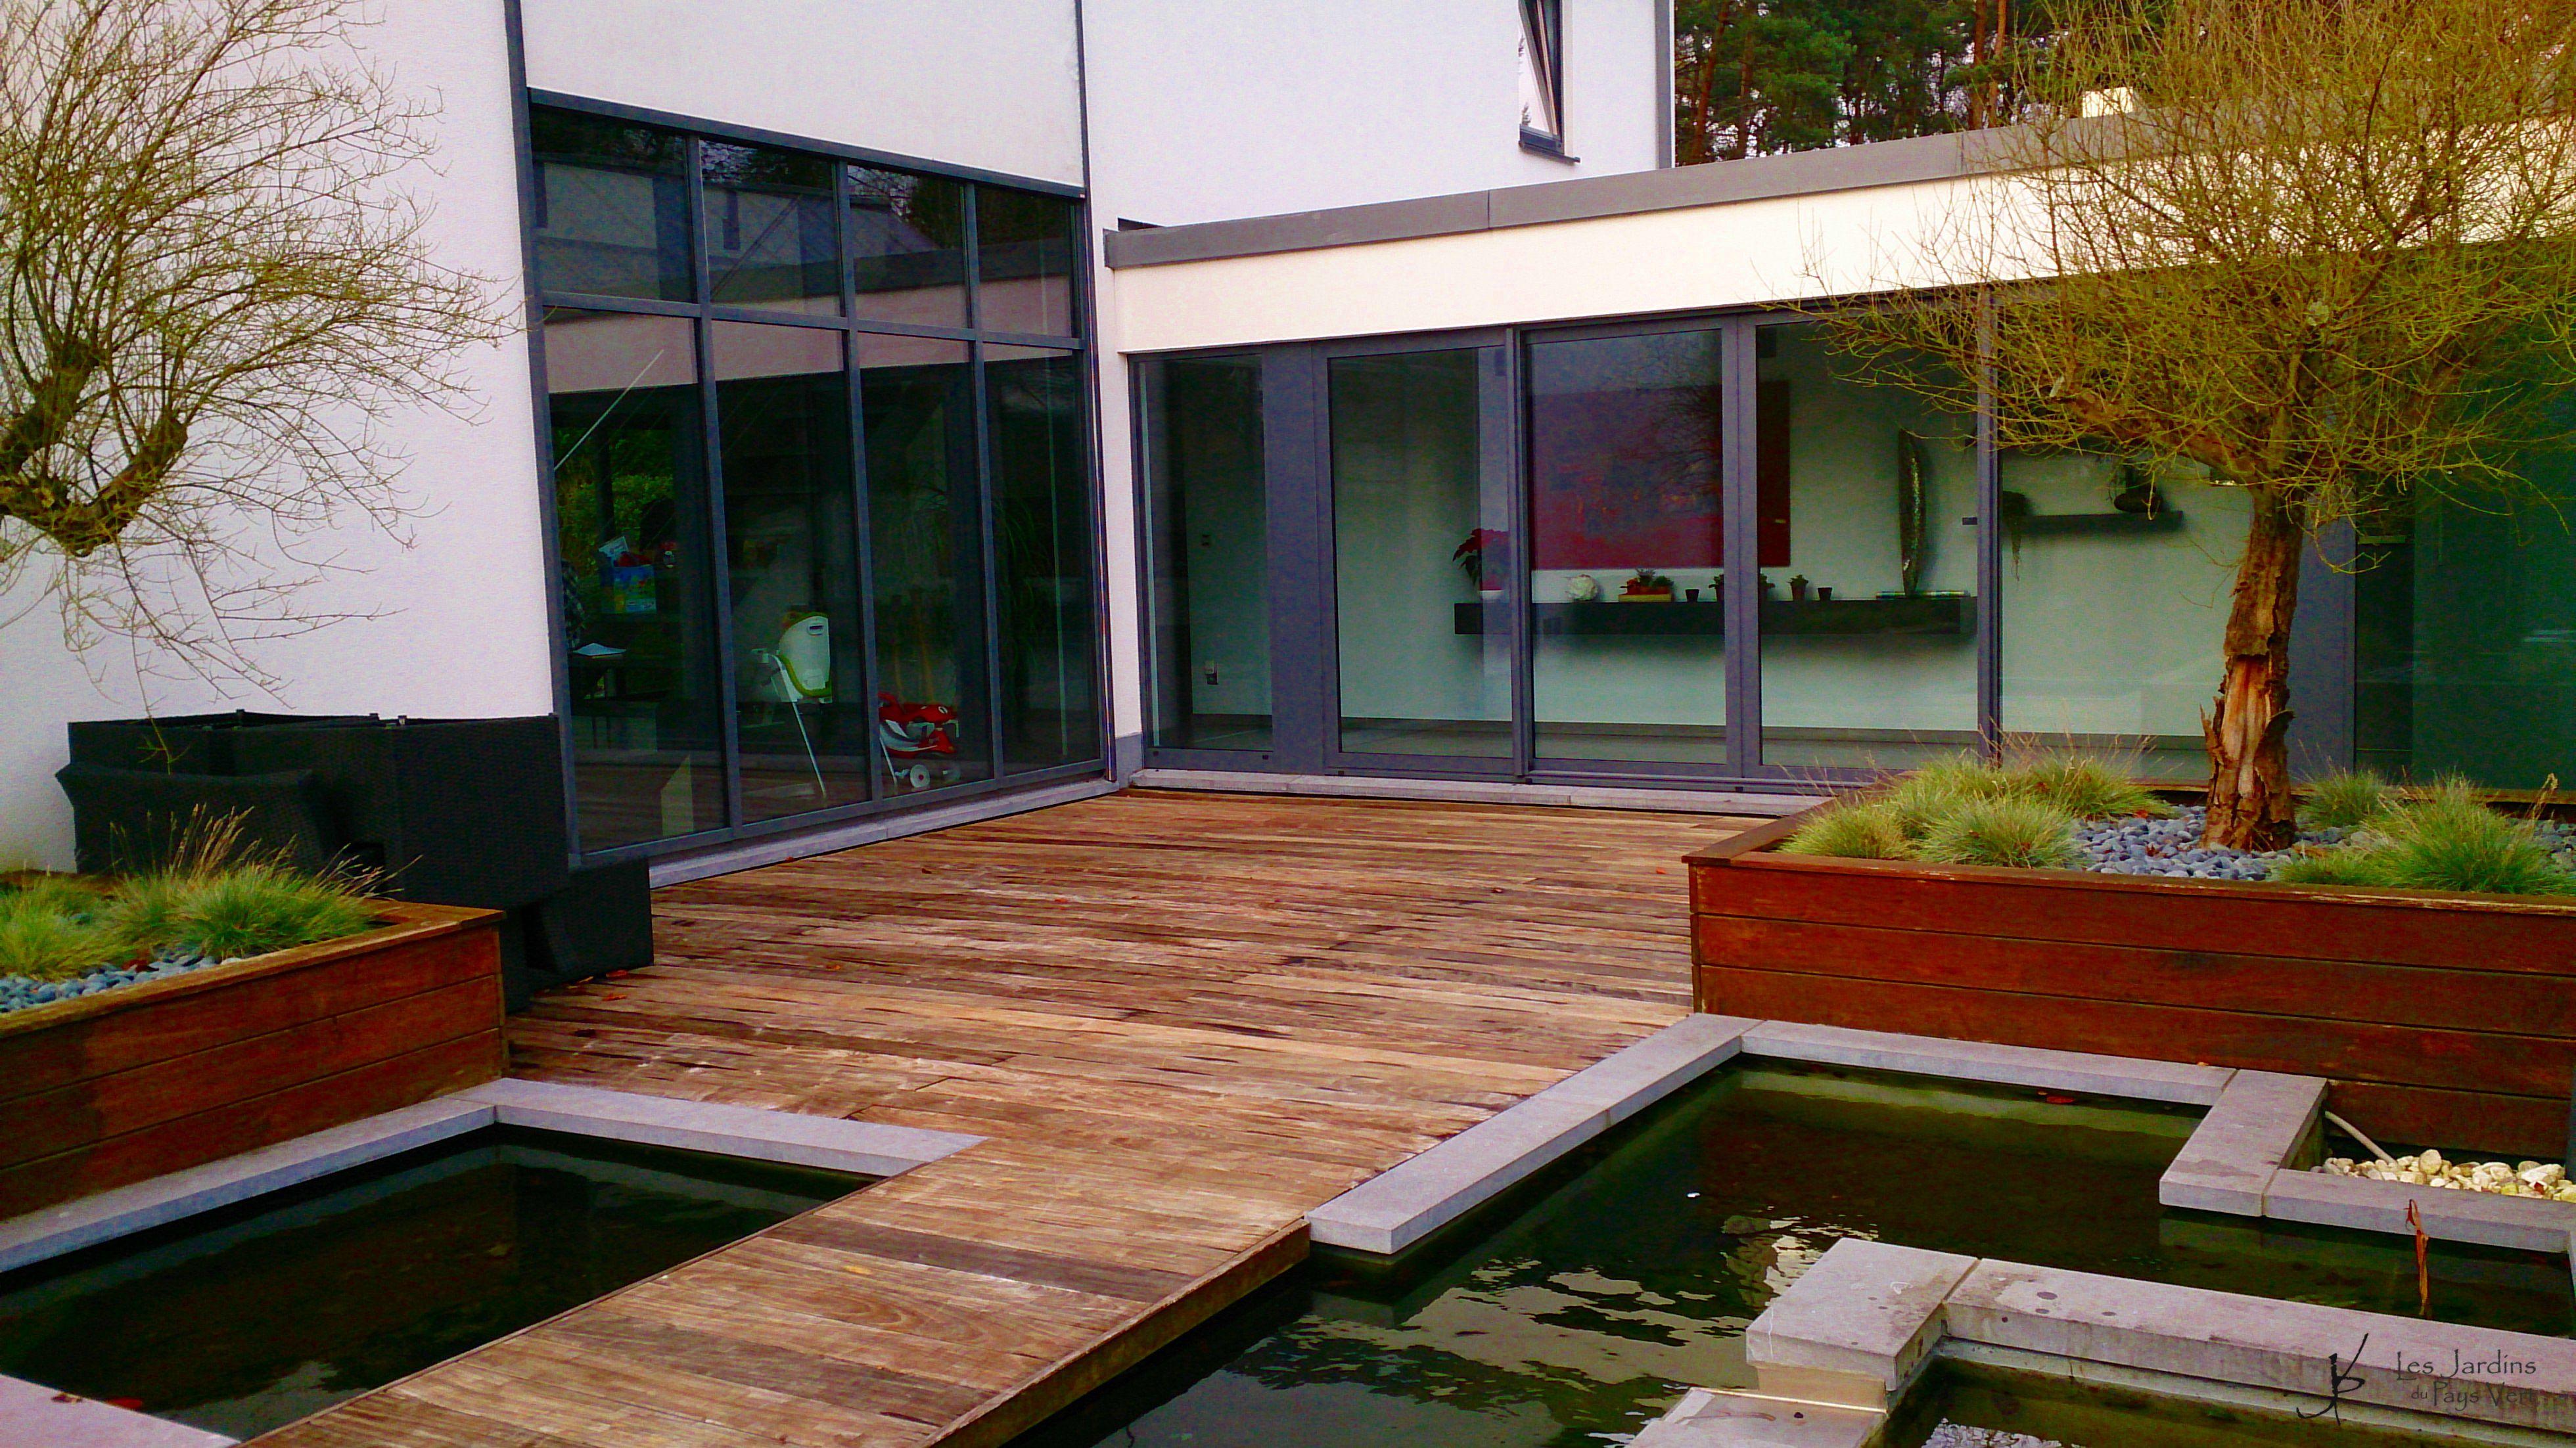 Terrasse patio contemporaine dans un de mes jardins mons - Amenagement terrasse et jardin photo ...